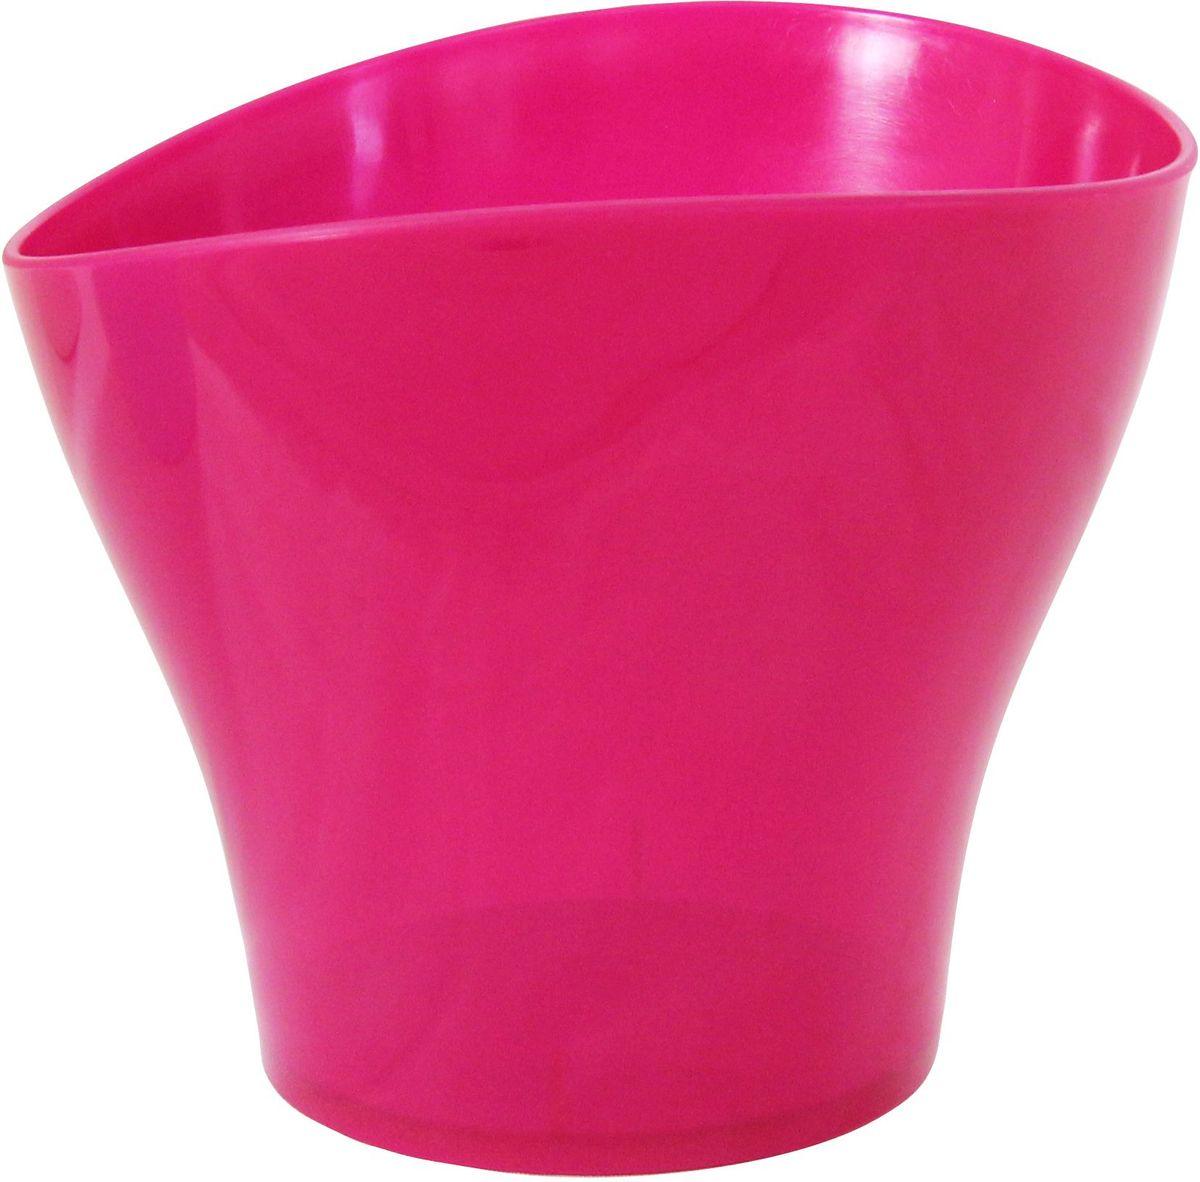 """Кашпо Idea """"Волна"""" изготовлено из прочного полипропилена (пластика) и предназначено для выращивания растений, цветов и трав в домашних условиях. Такое кашпо порадует вас функциональностью, а благодаря лаконичному дизайну впишется в любой интерьер помещения. Объем кашпо: 1,6 л."""